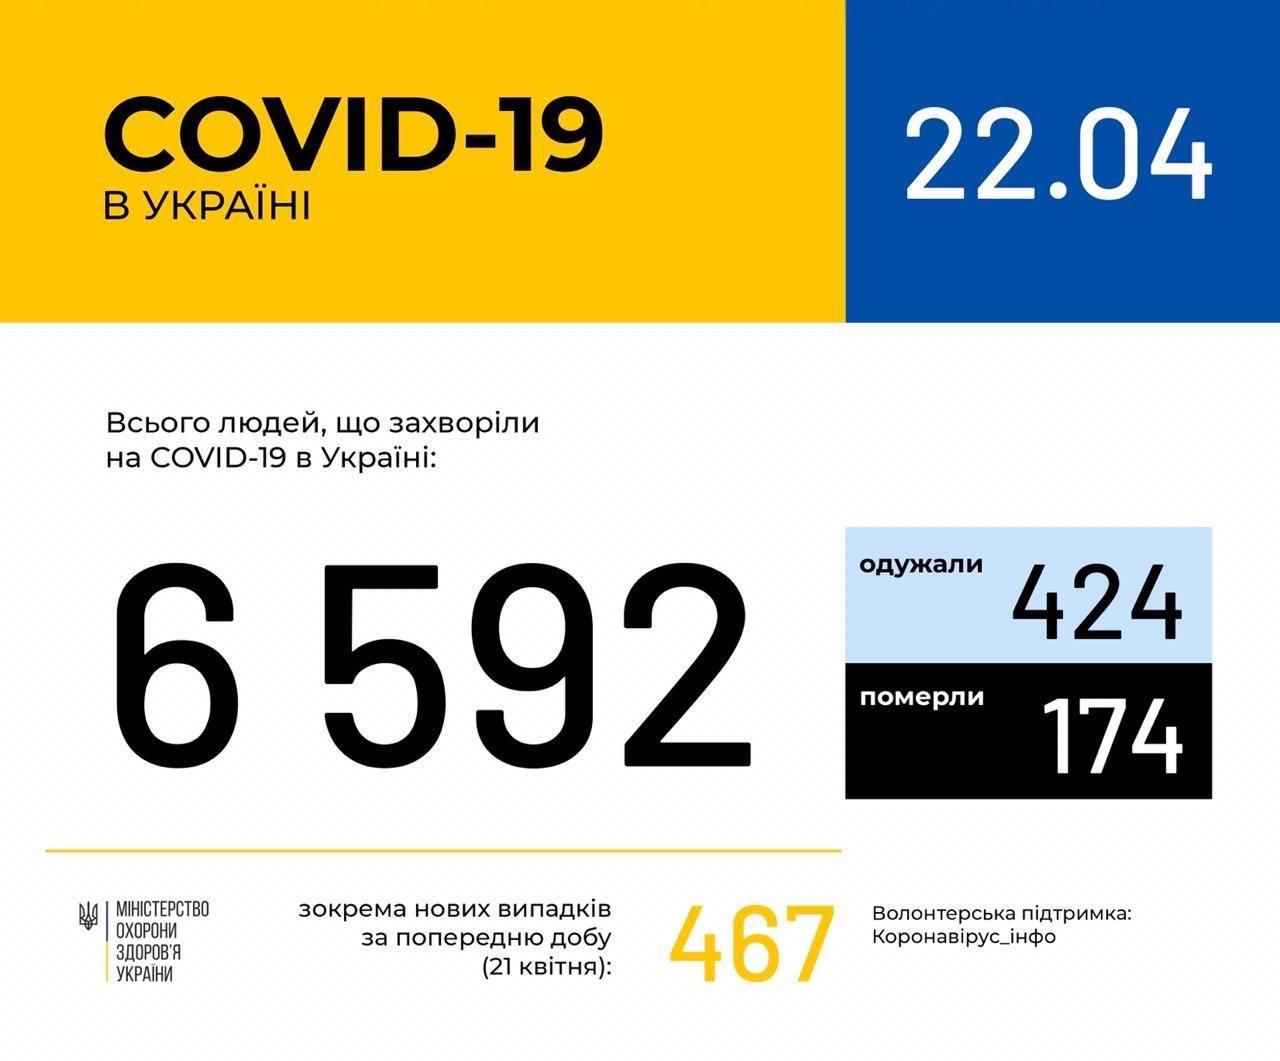 В Украине зафиксировано 6592 случая коронавирусной болезни COVID-19, фото-1